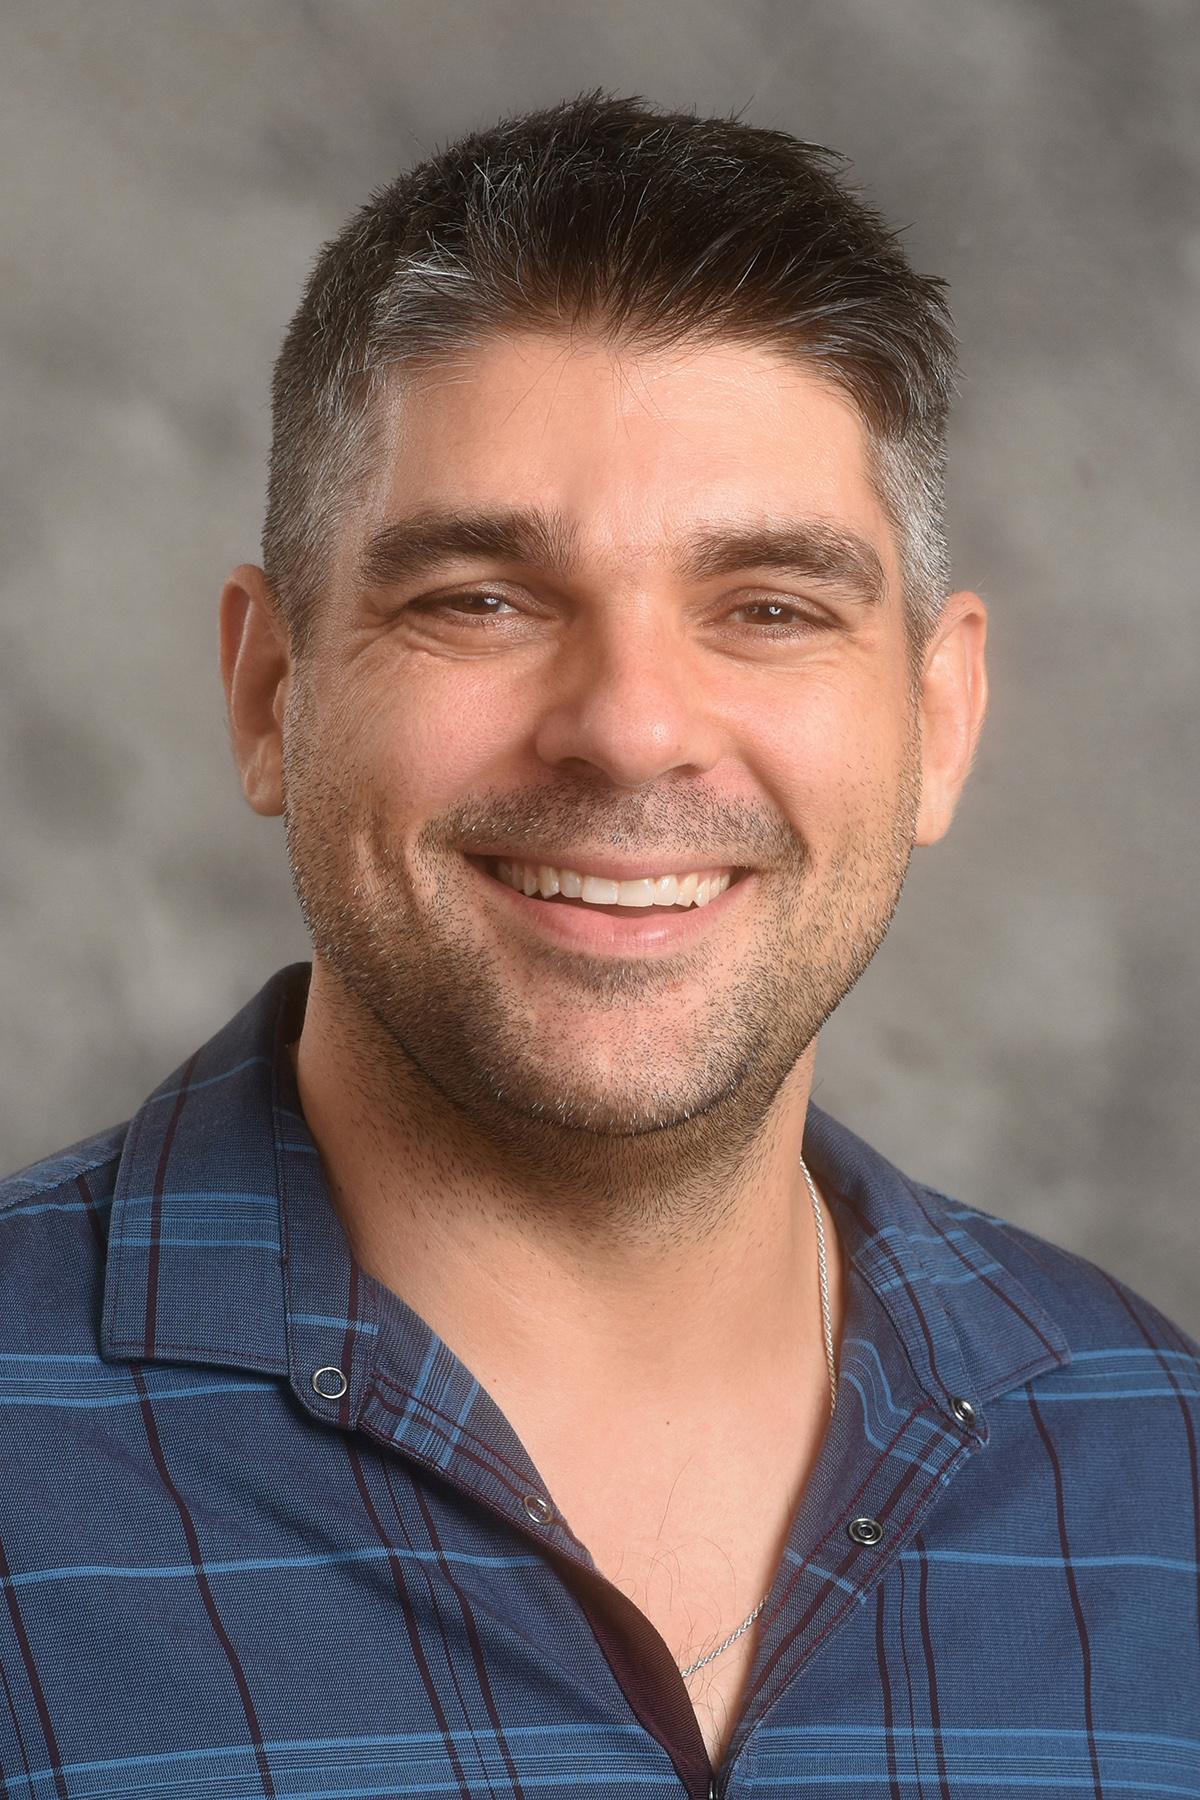 Headshot of Toby Malone